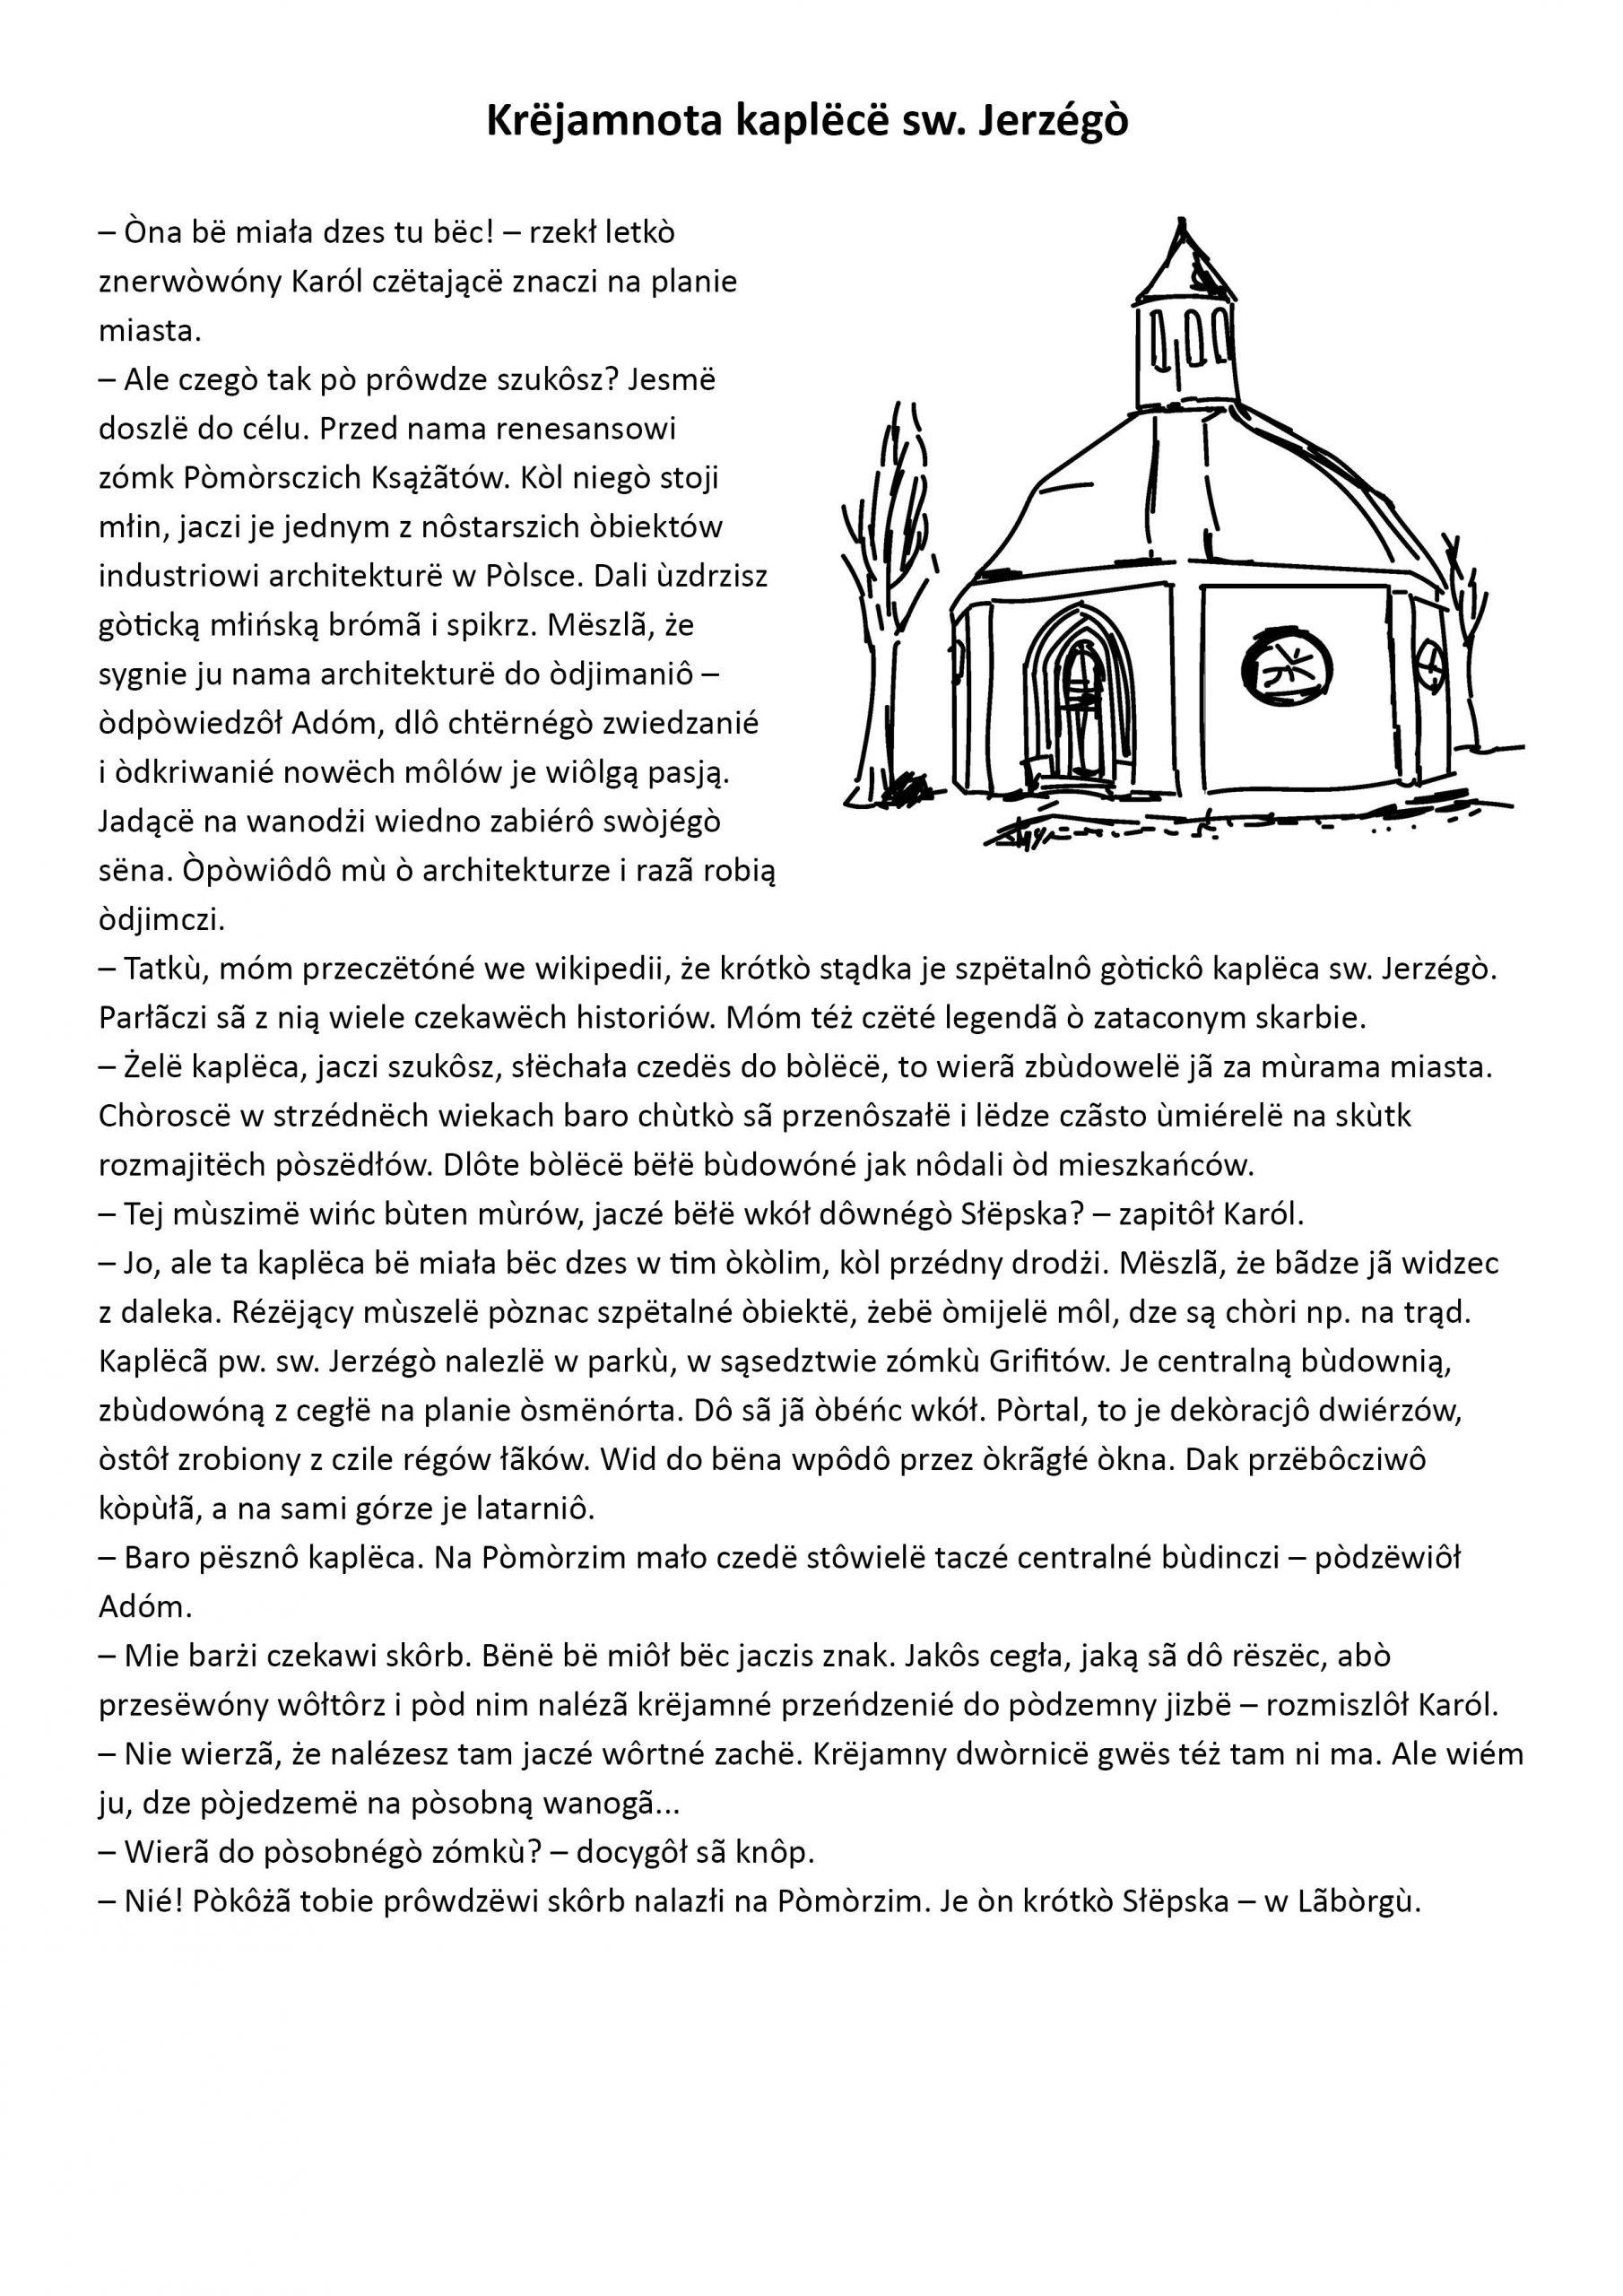 opowiadanie tekst w jezyku kaszubskim